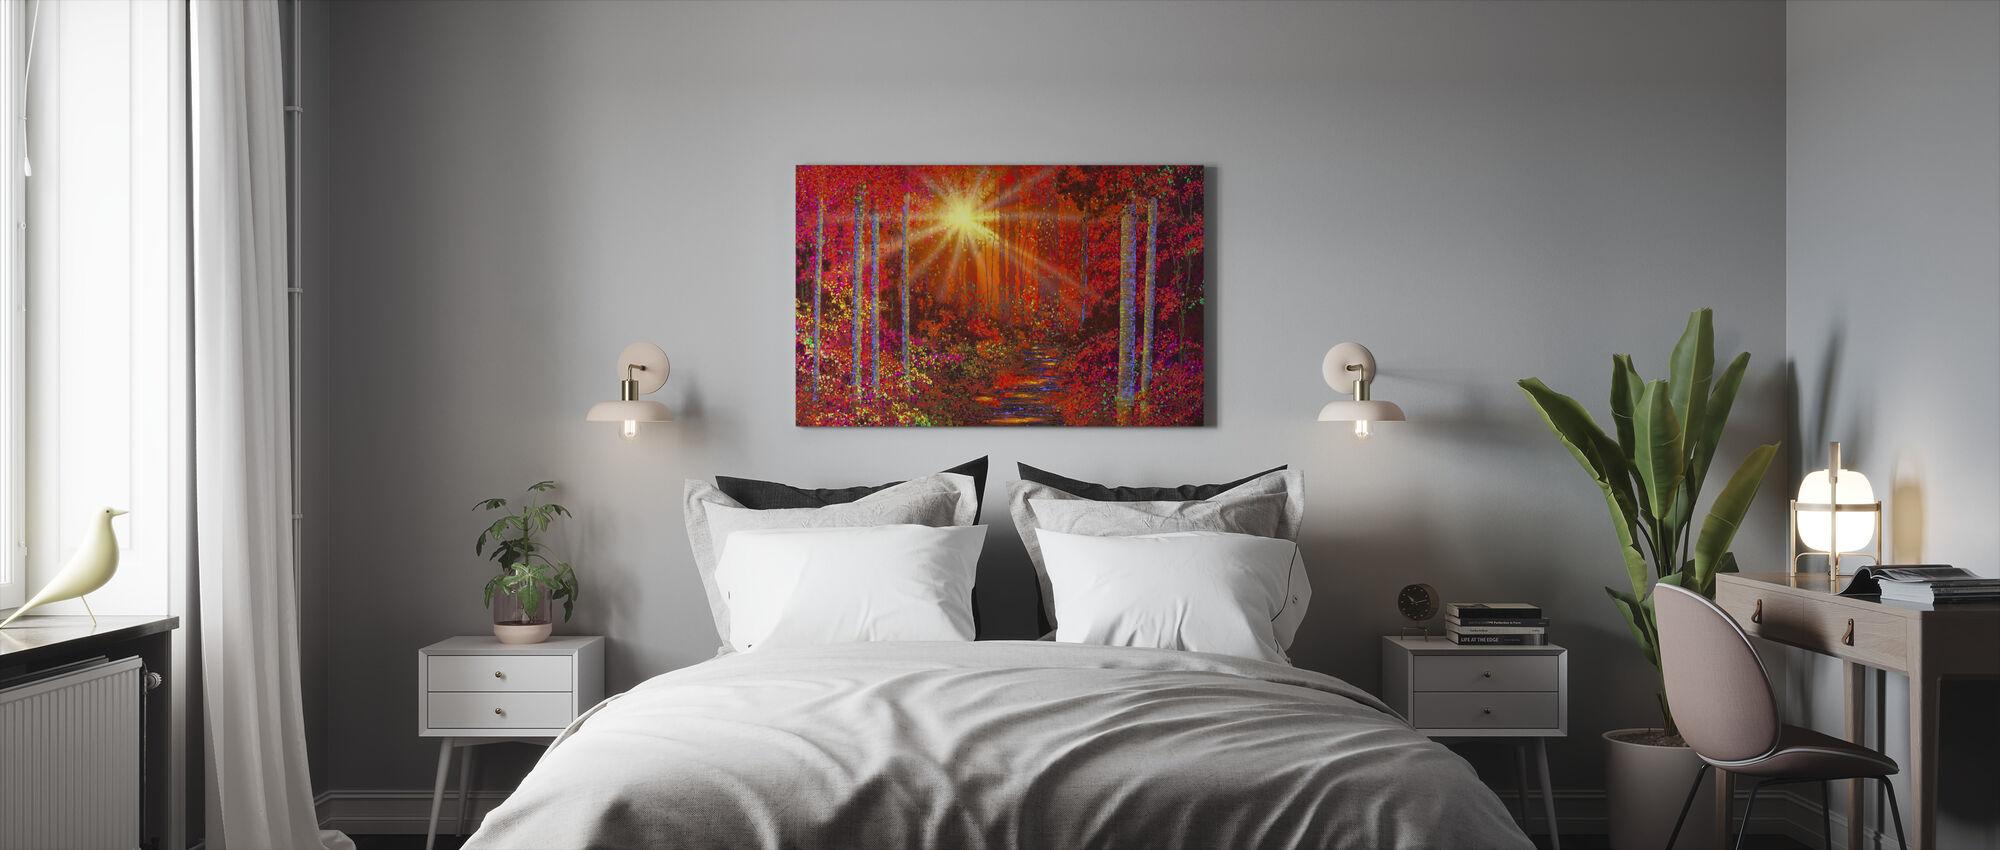 Crimson metsä - Canvastaulu - Makuuhuone